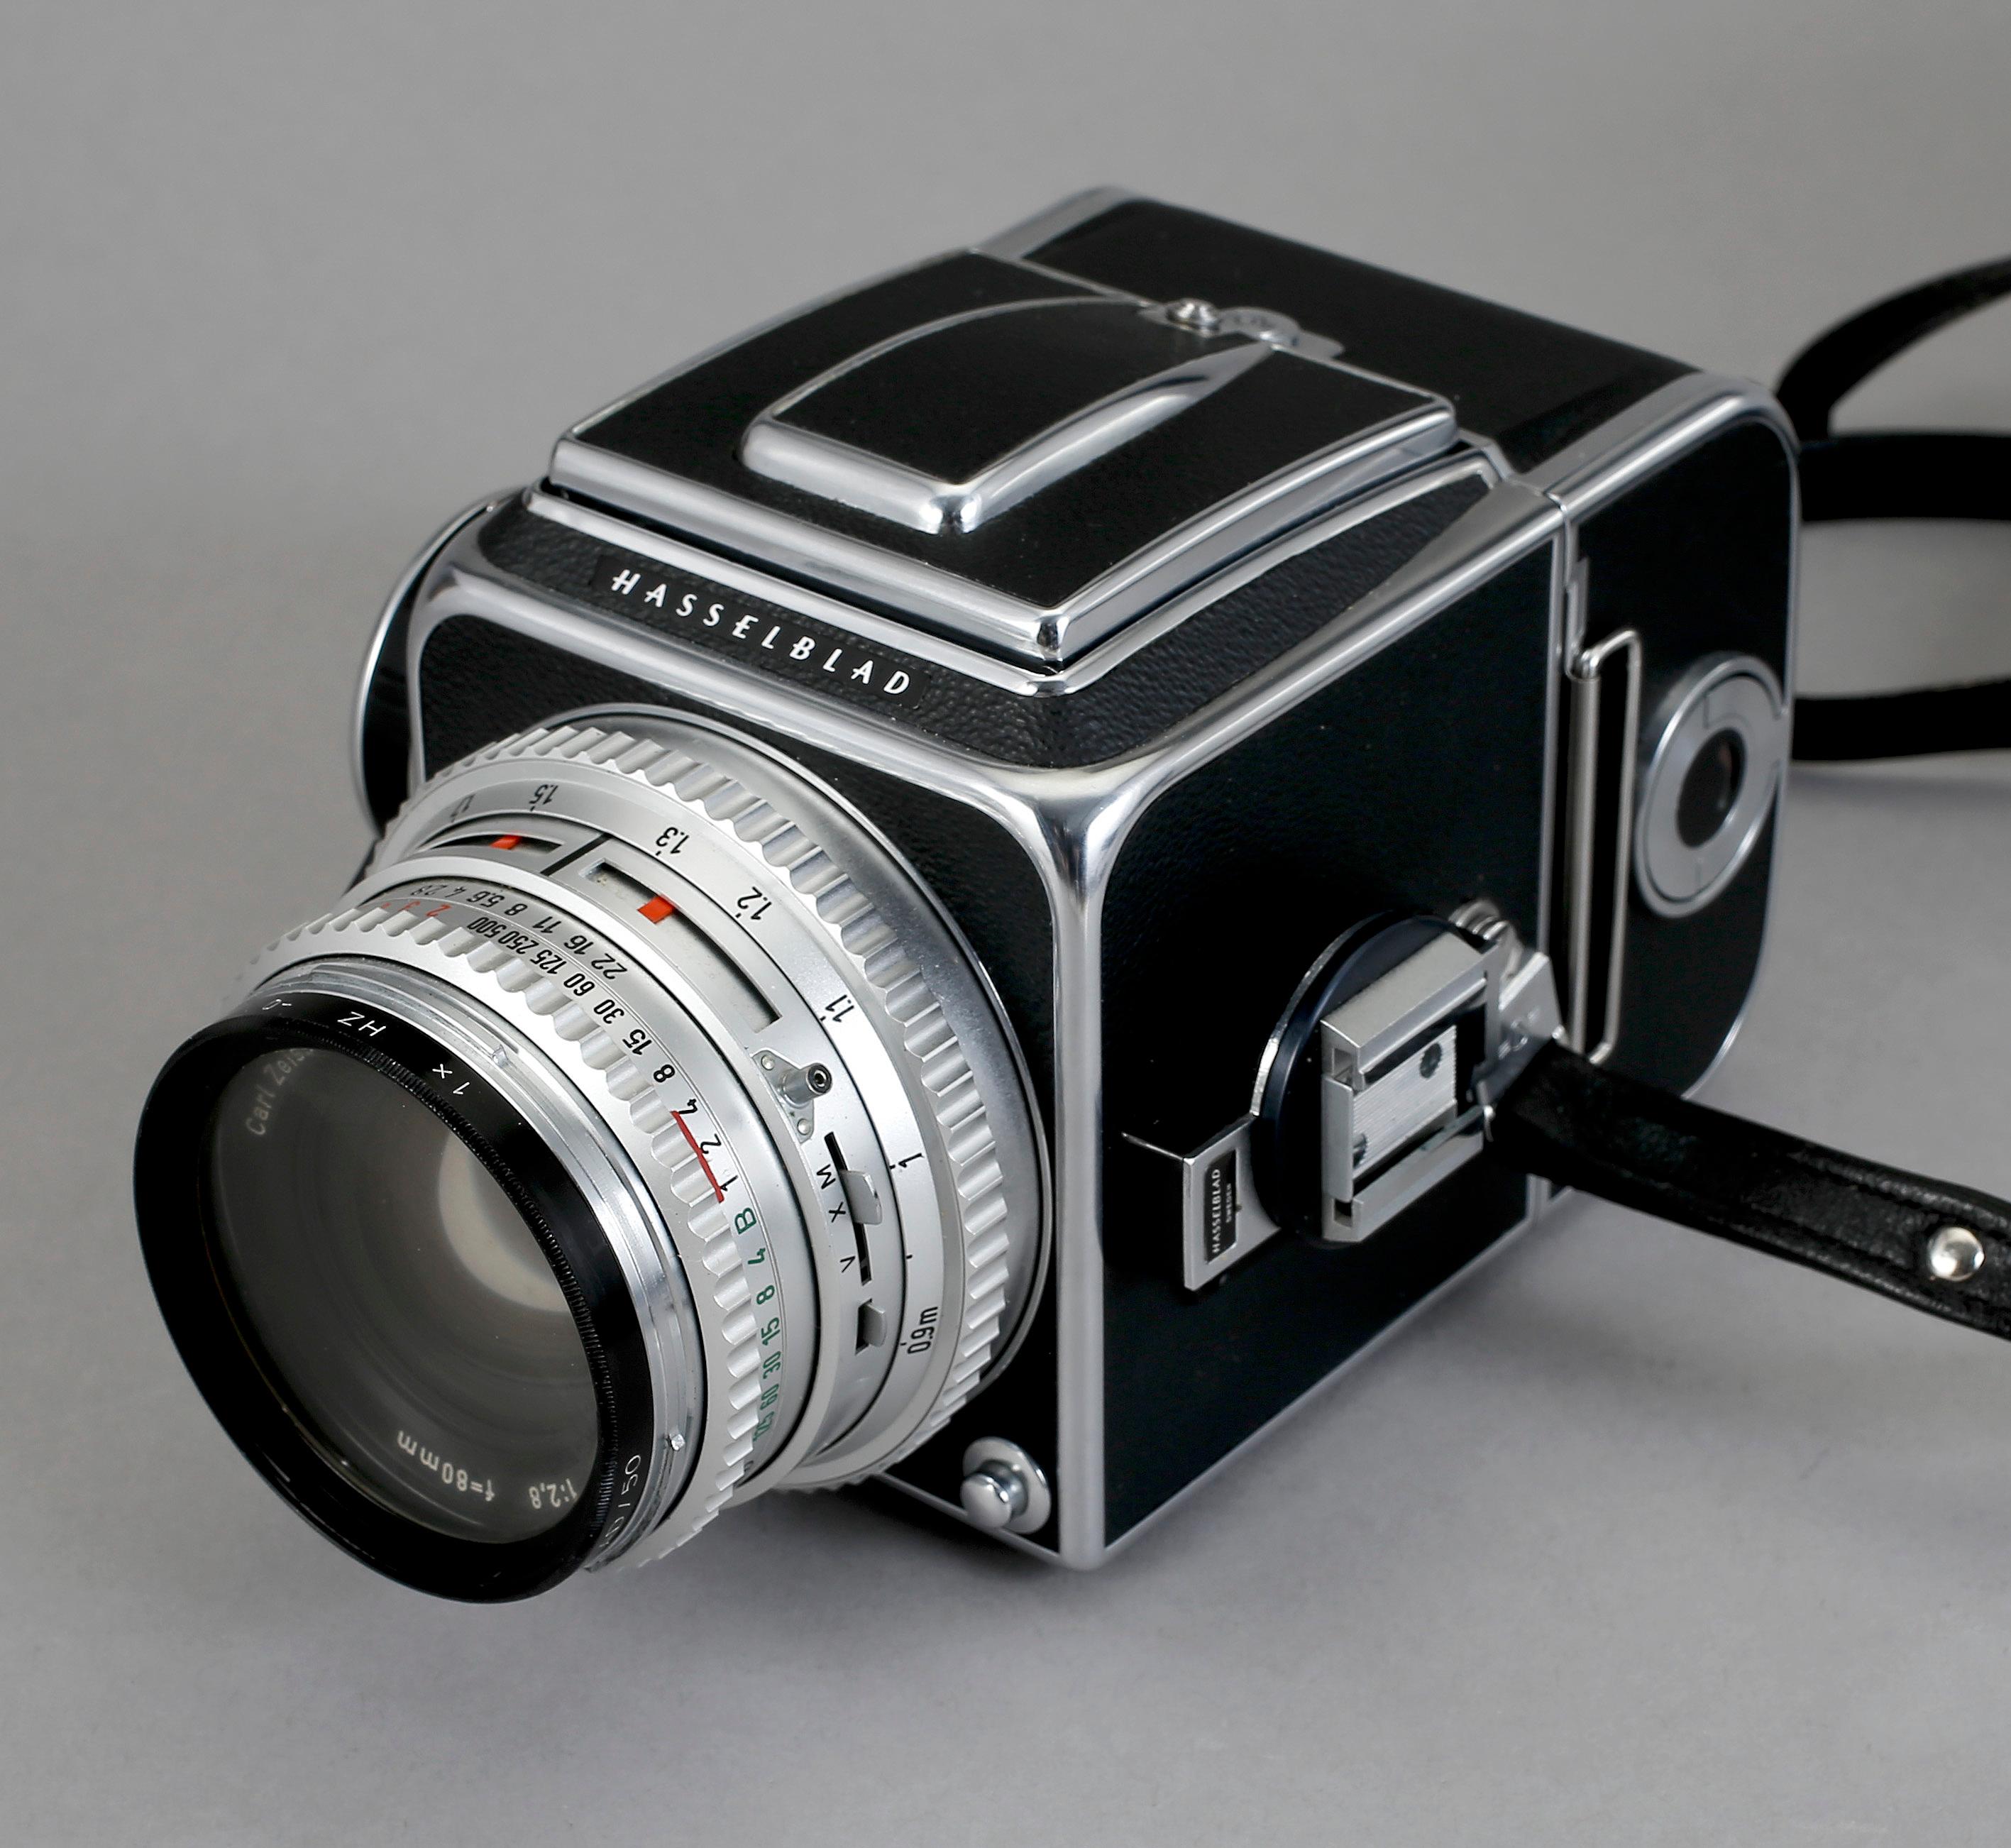 Dating Hasselblad kameror